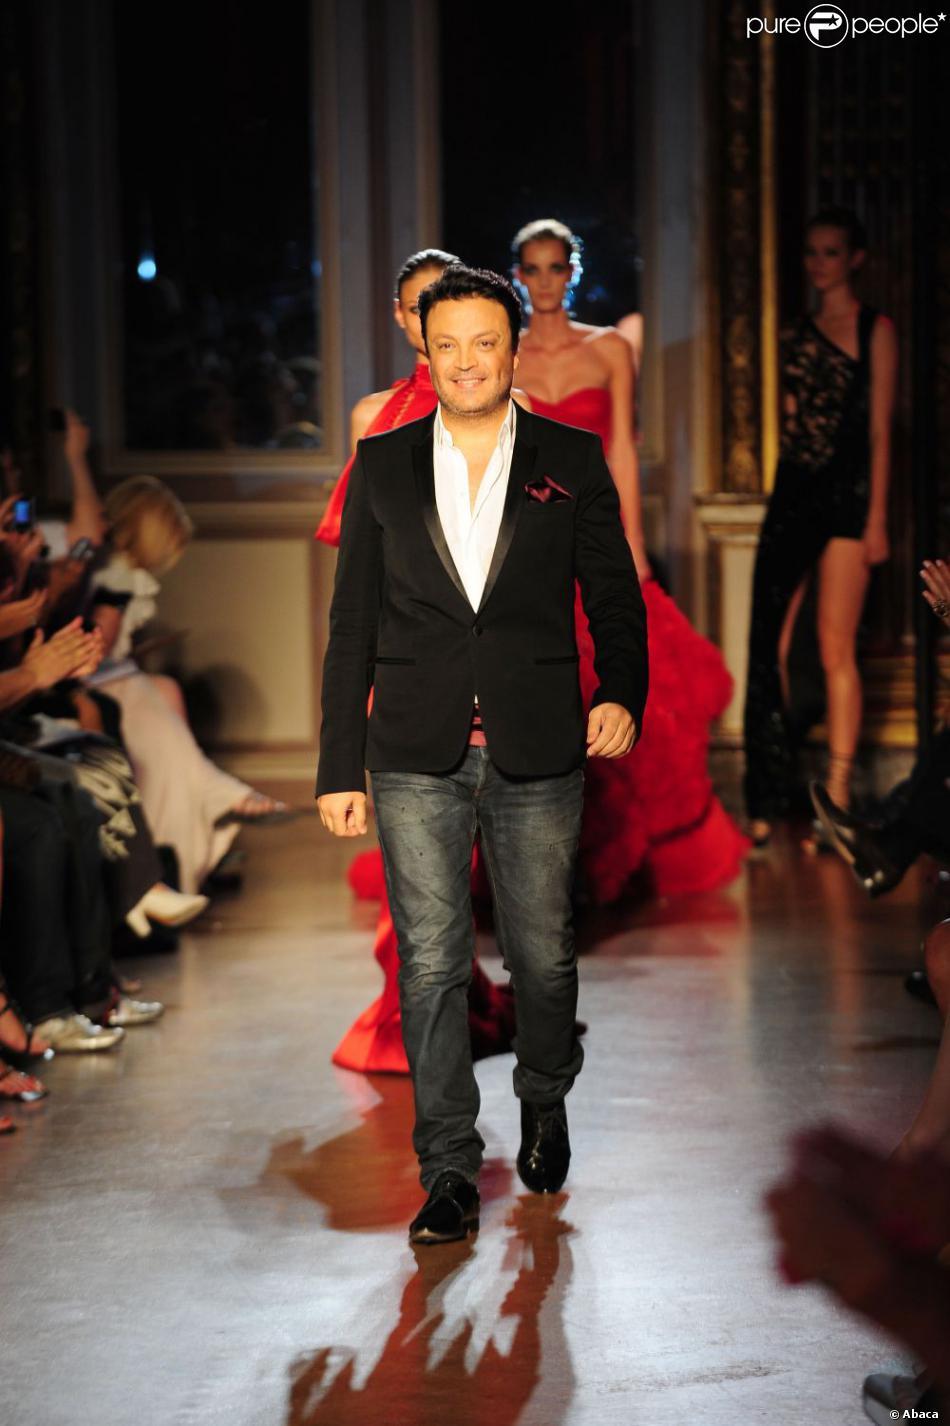 le cr ateur libanais zuhair murad est applaudi la fin de son d fil haute couture collection. Black Bedroom Furniture Sets. Home Design Ideas